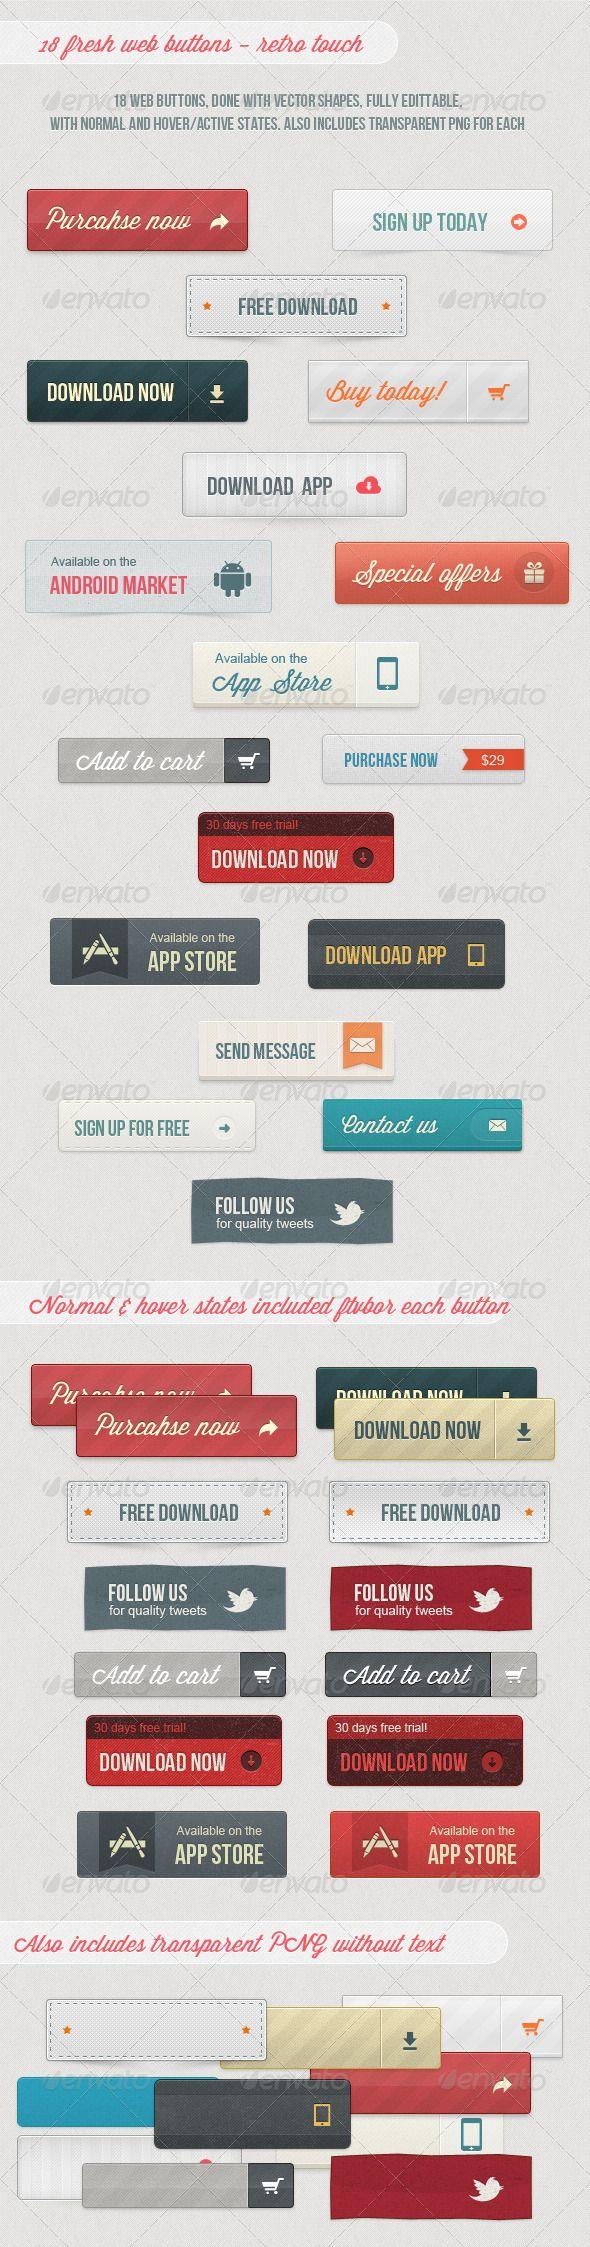 Набор кнопок для сайта #кнопки #веб-дизайн #сайты